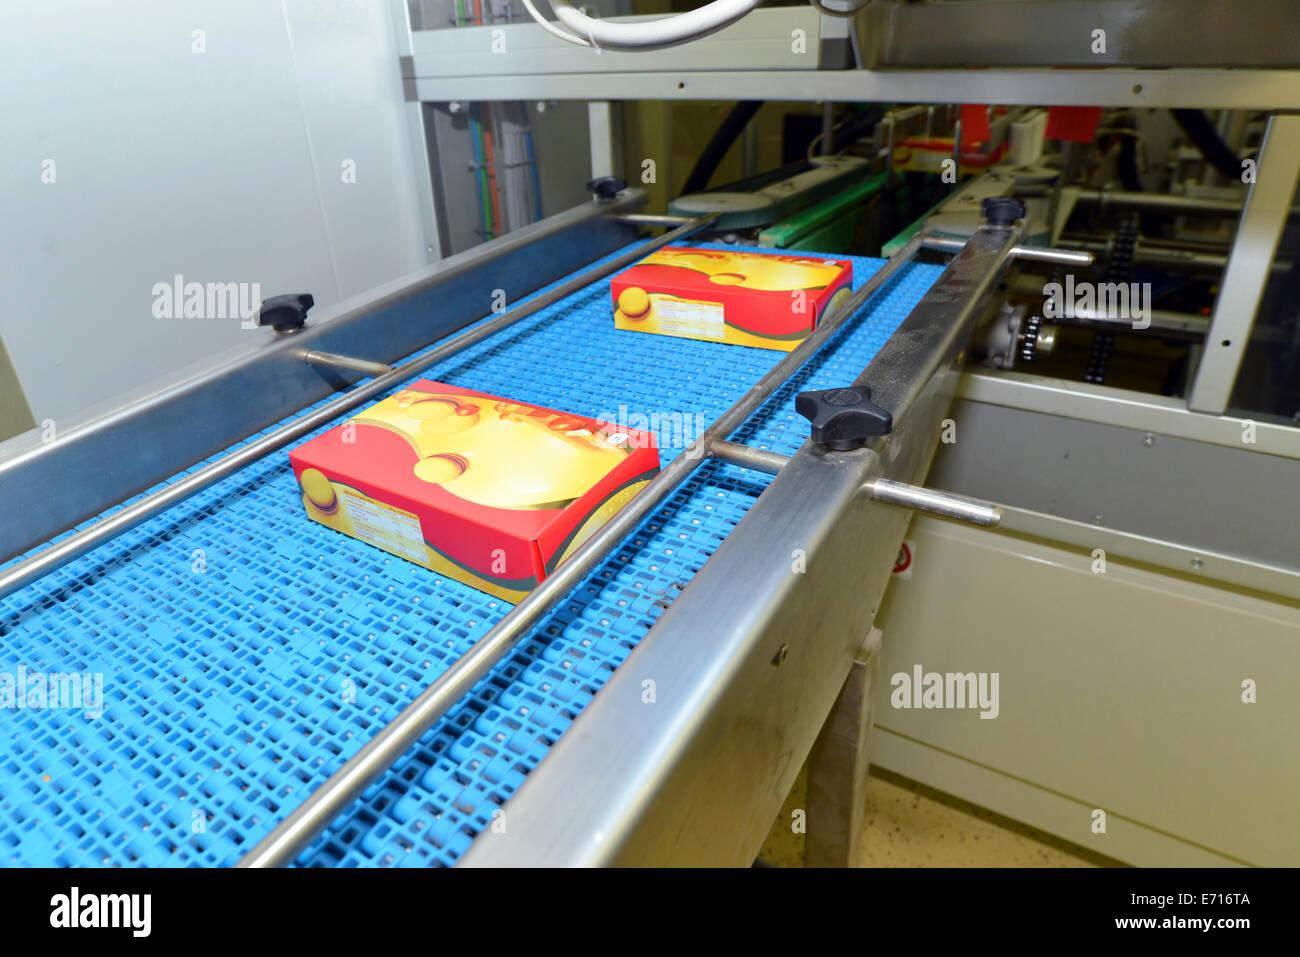 Deutschland, Sachsen-Anhalt, Boxen auf einer Fertigungslinie in der Backwarenindustrie Stockbild